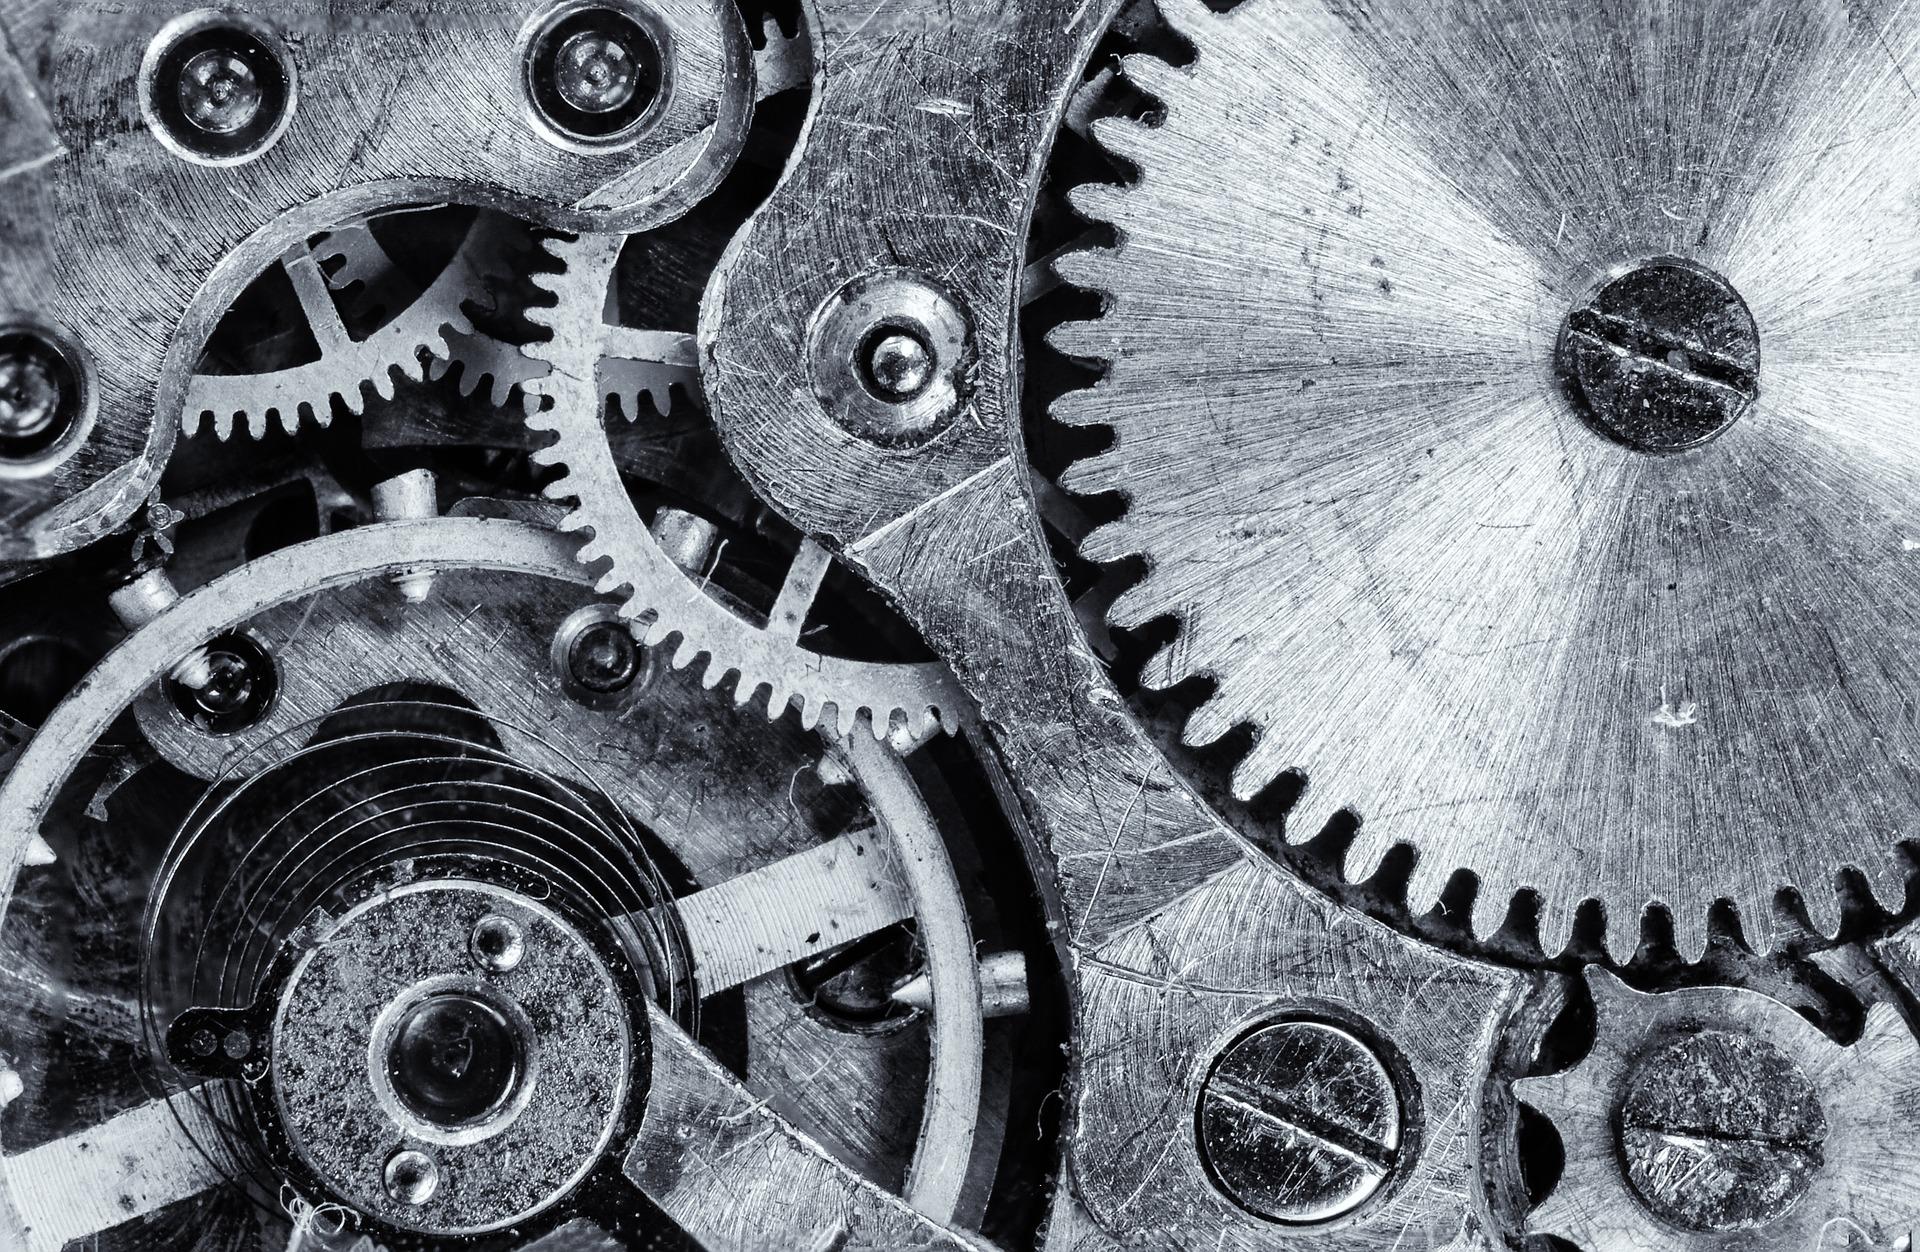 Koertgen Sondermaschinenbau2